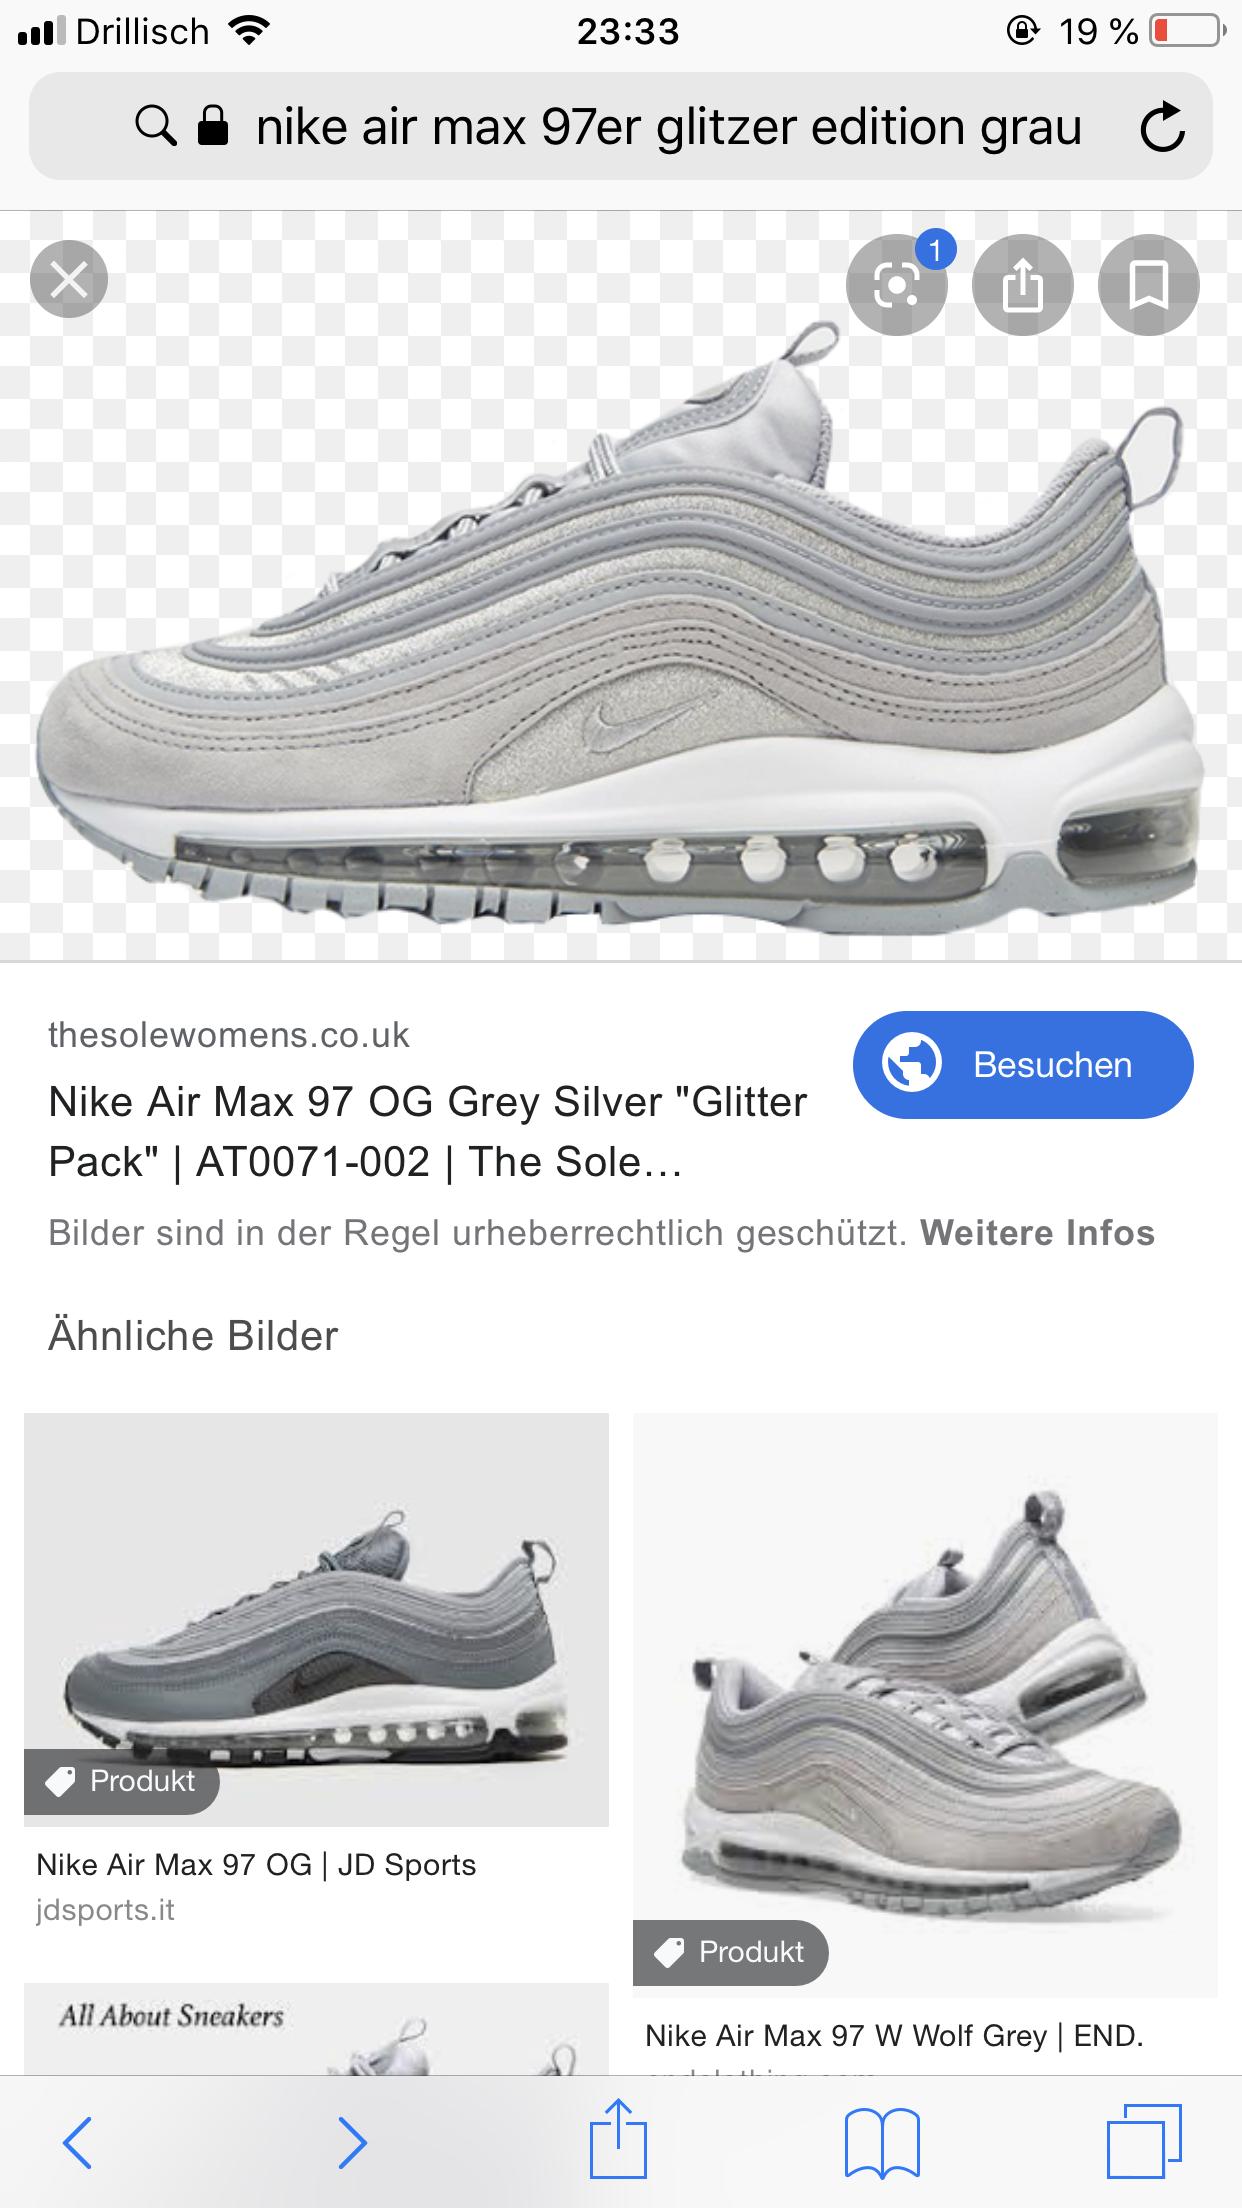 Wo kriege ich diese Schuhe her?fff? (Nike)